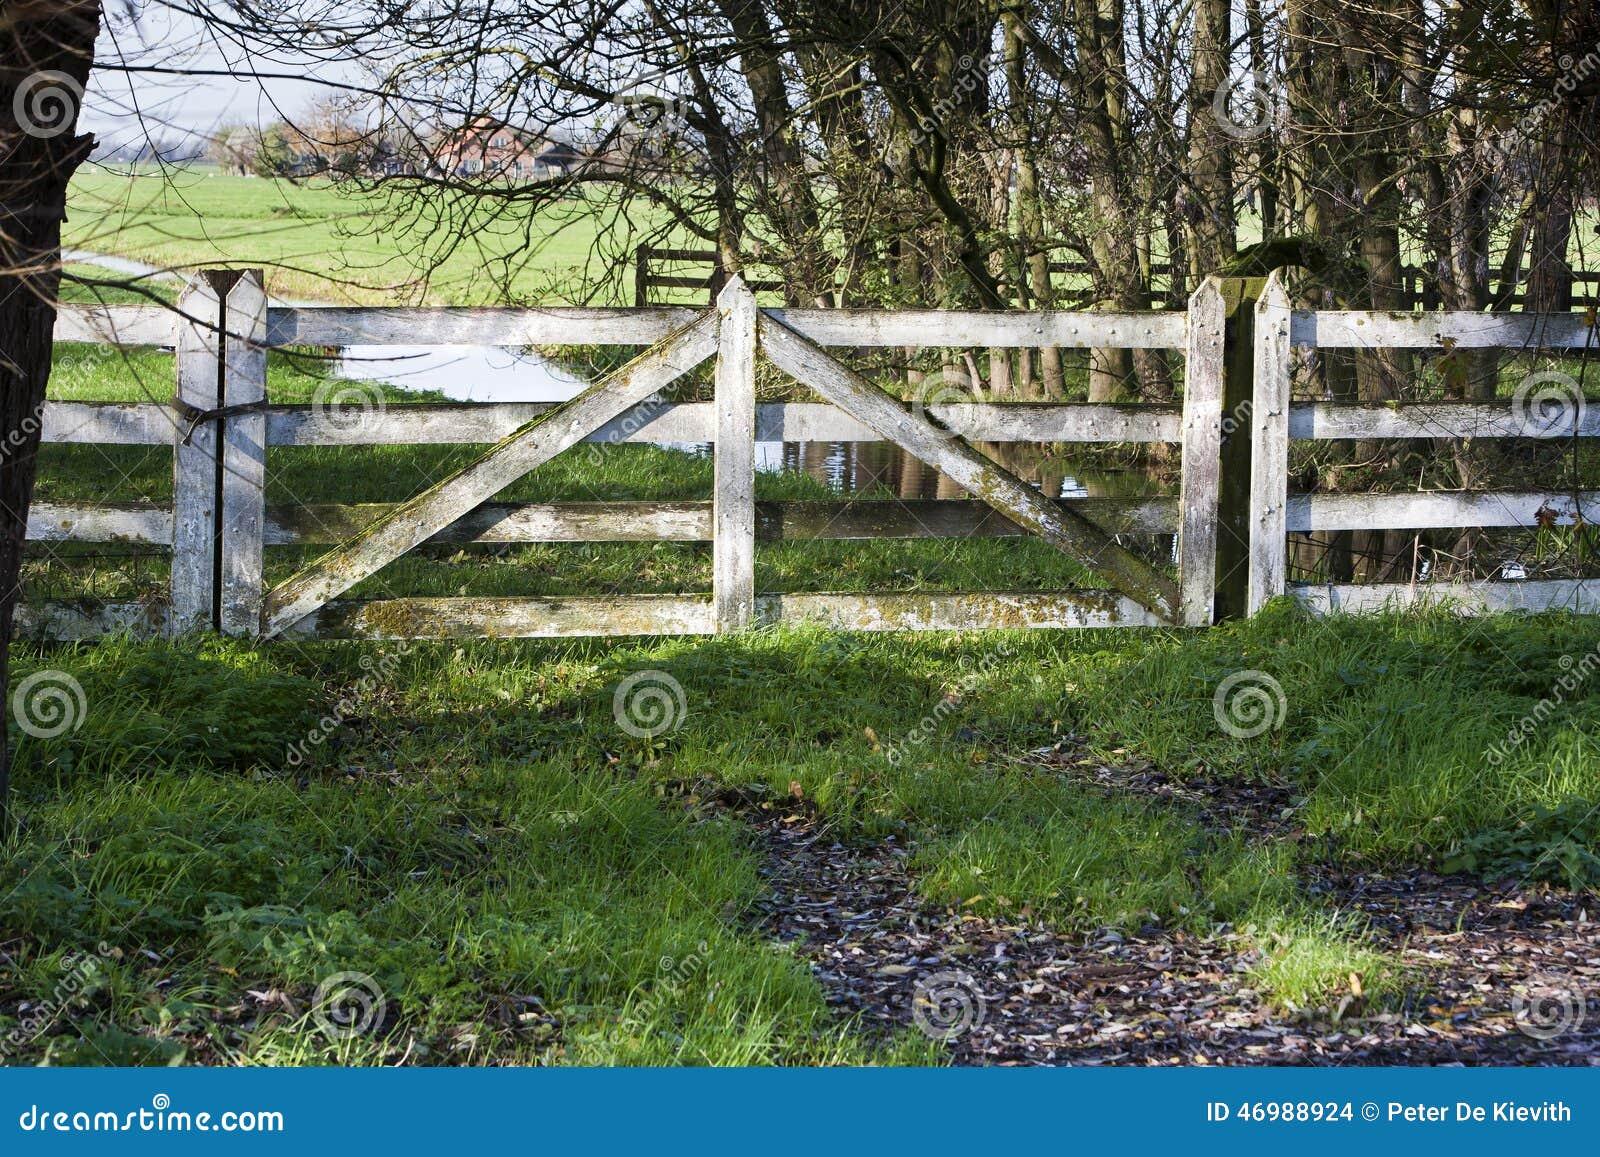 Pasture Fence Gate Stock Photo - Image: 46988924